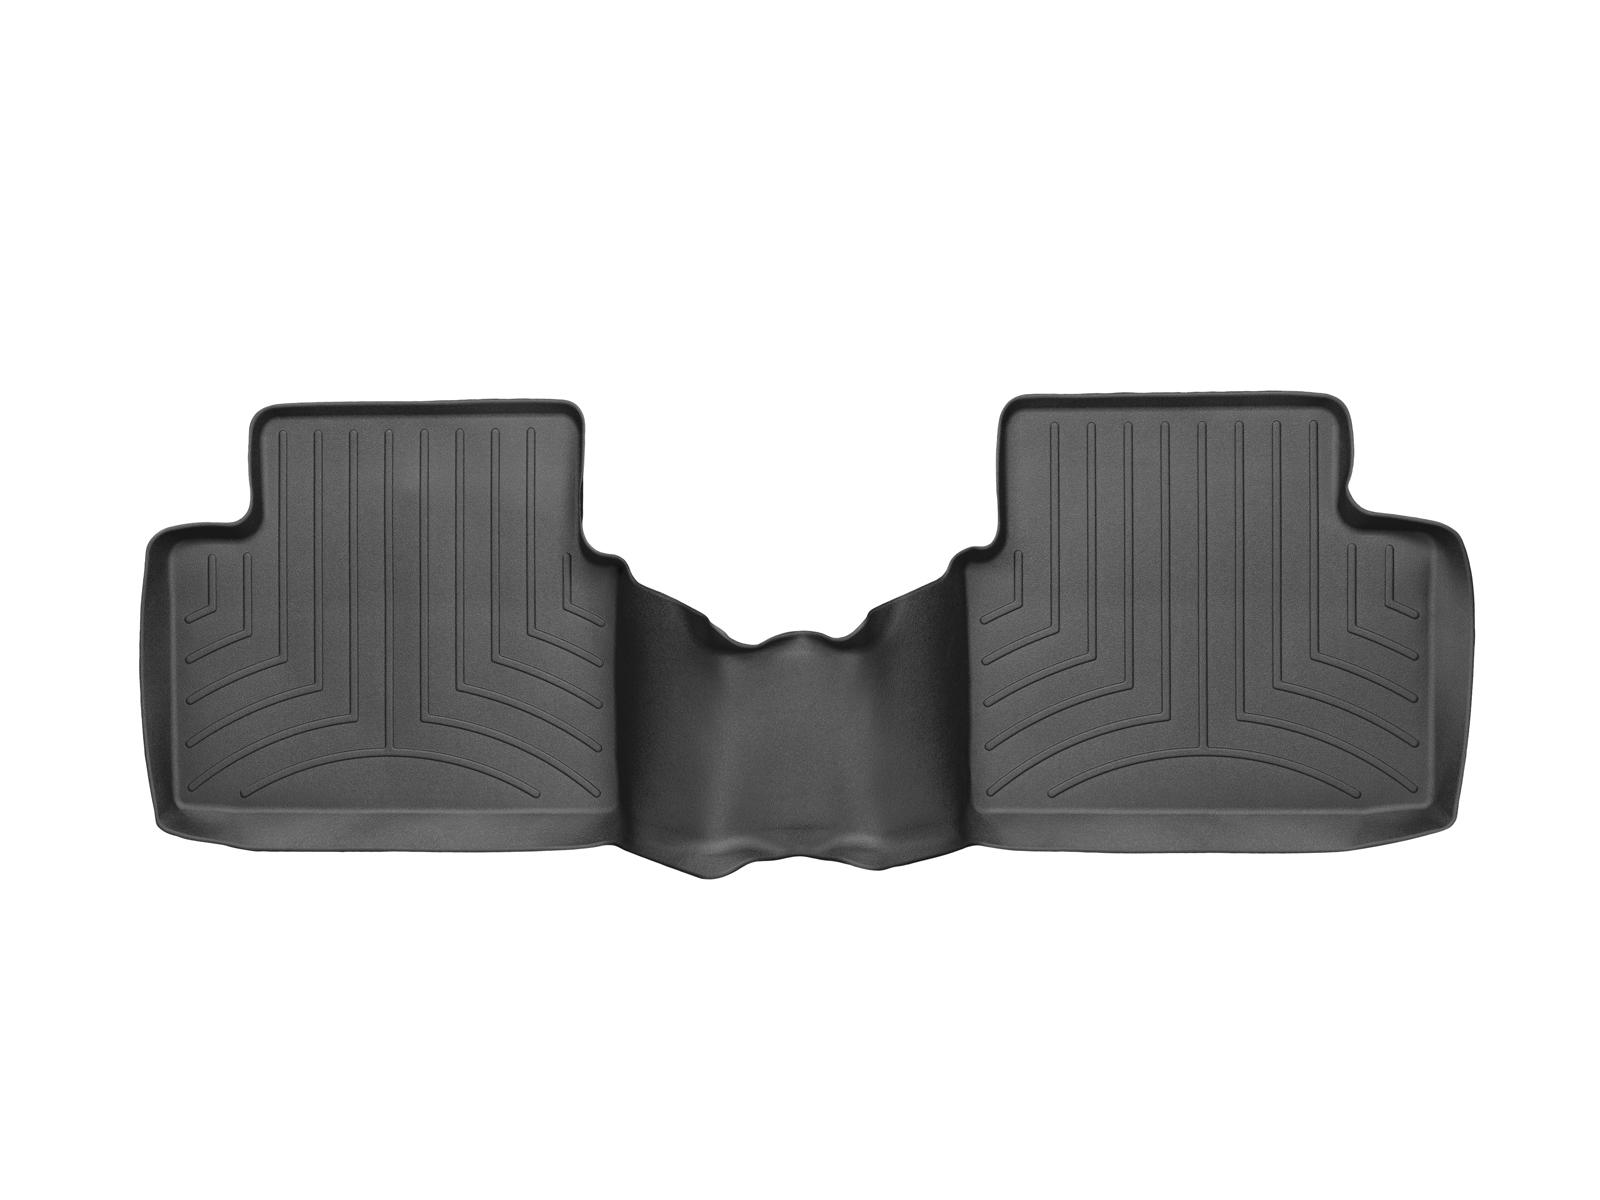 Tappeti gomma su misura bordo alto Chevrolet Malibu 13>15 Nero A147